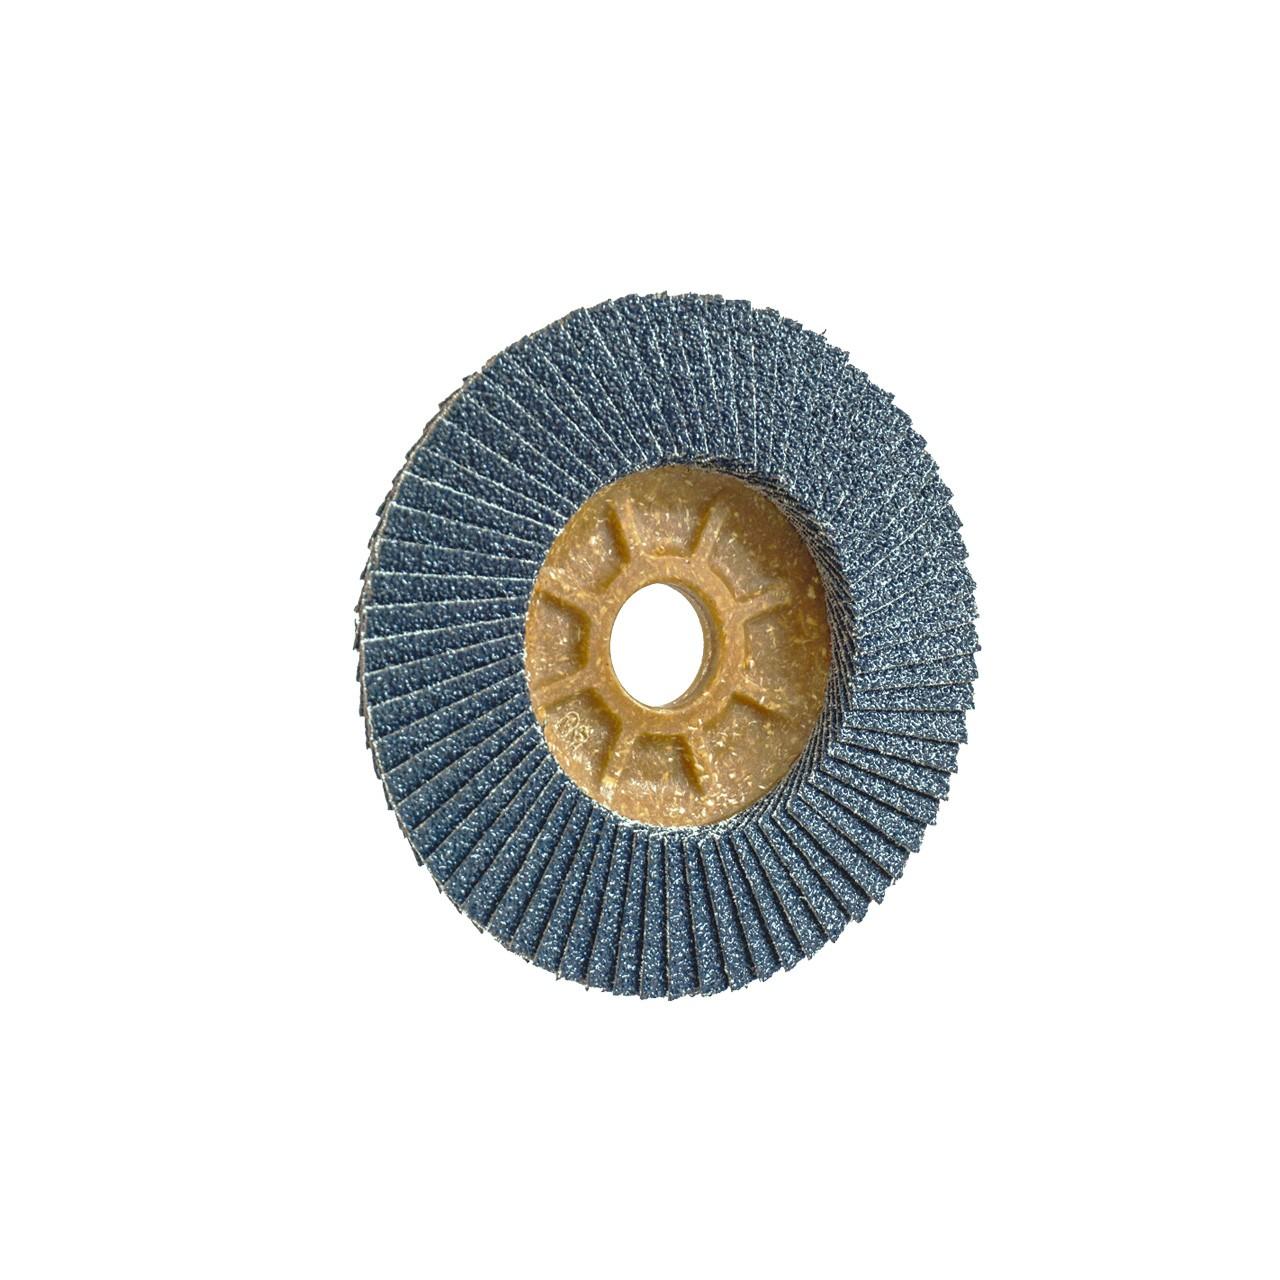 """Discos Lamelas PLANTEX® COOL TOP® UNIVERSAL 125 x 22,2 mm, grão 60 """"Kits 10 unid"""""""